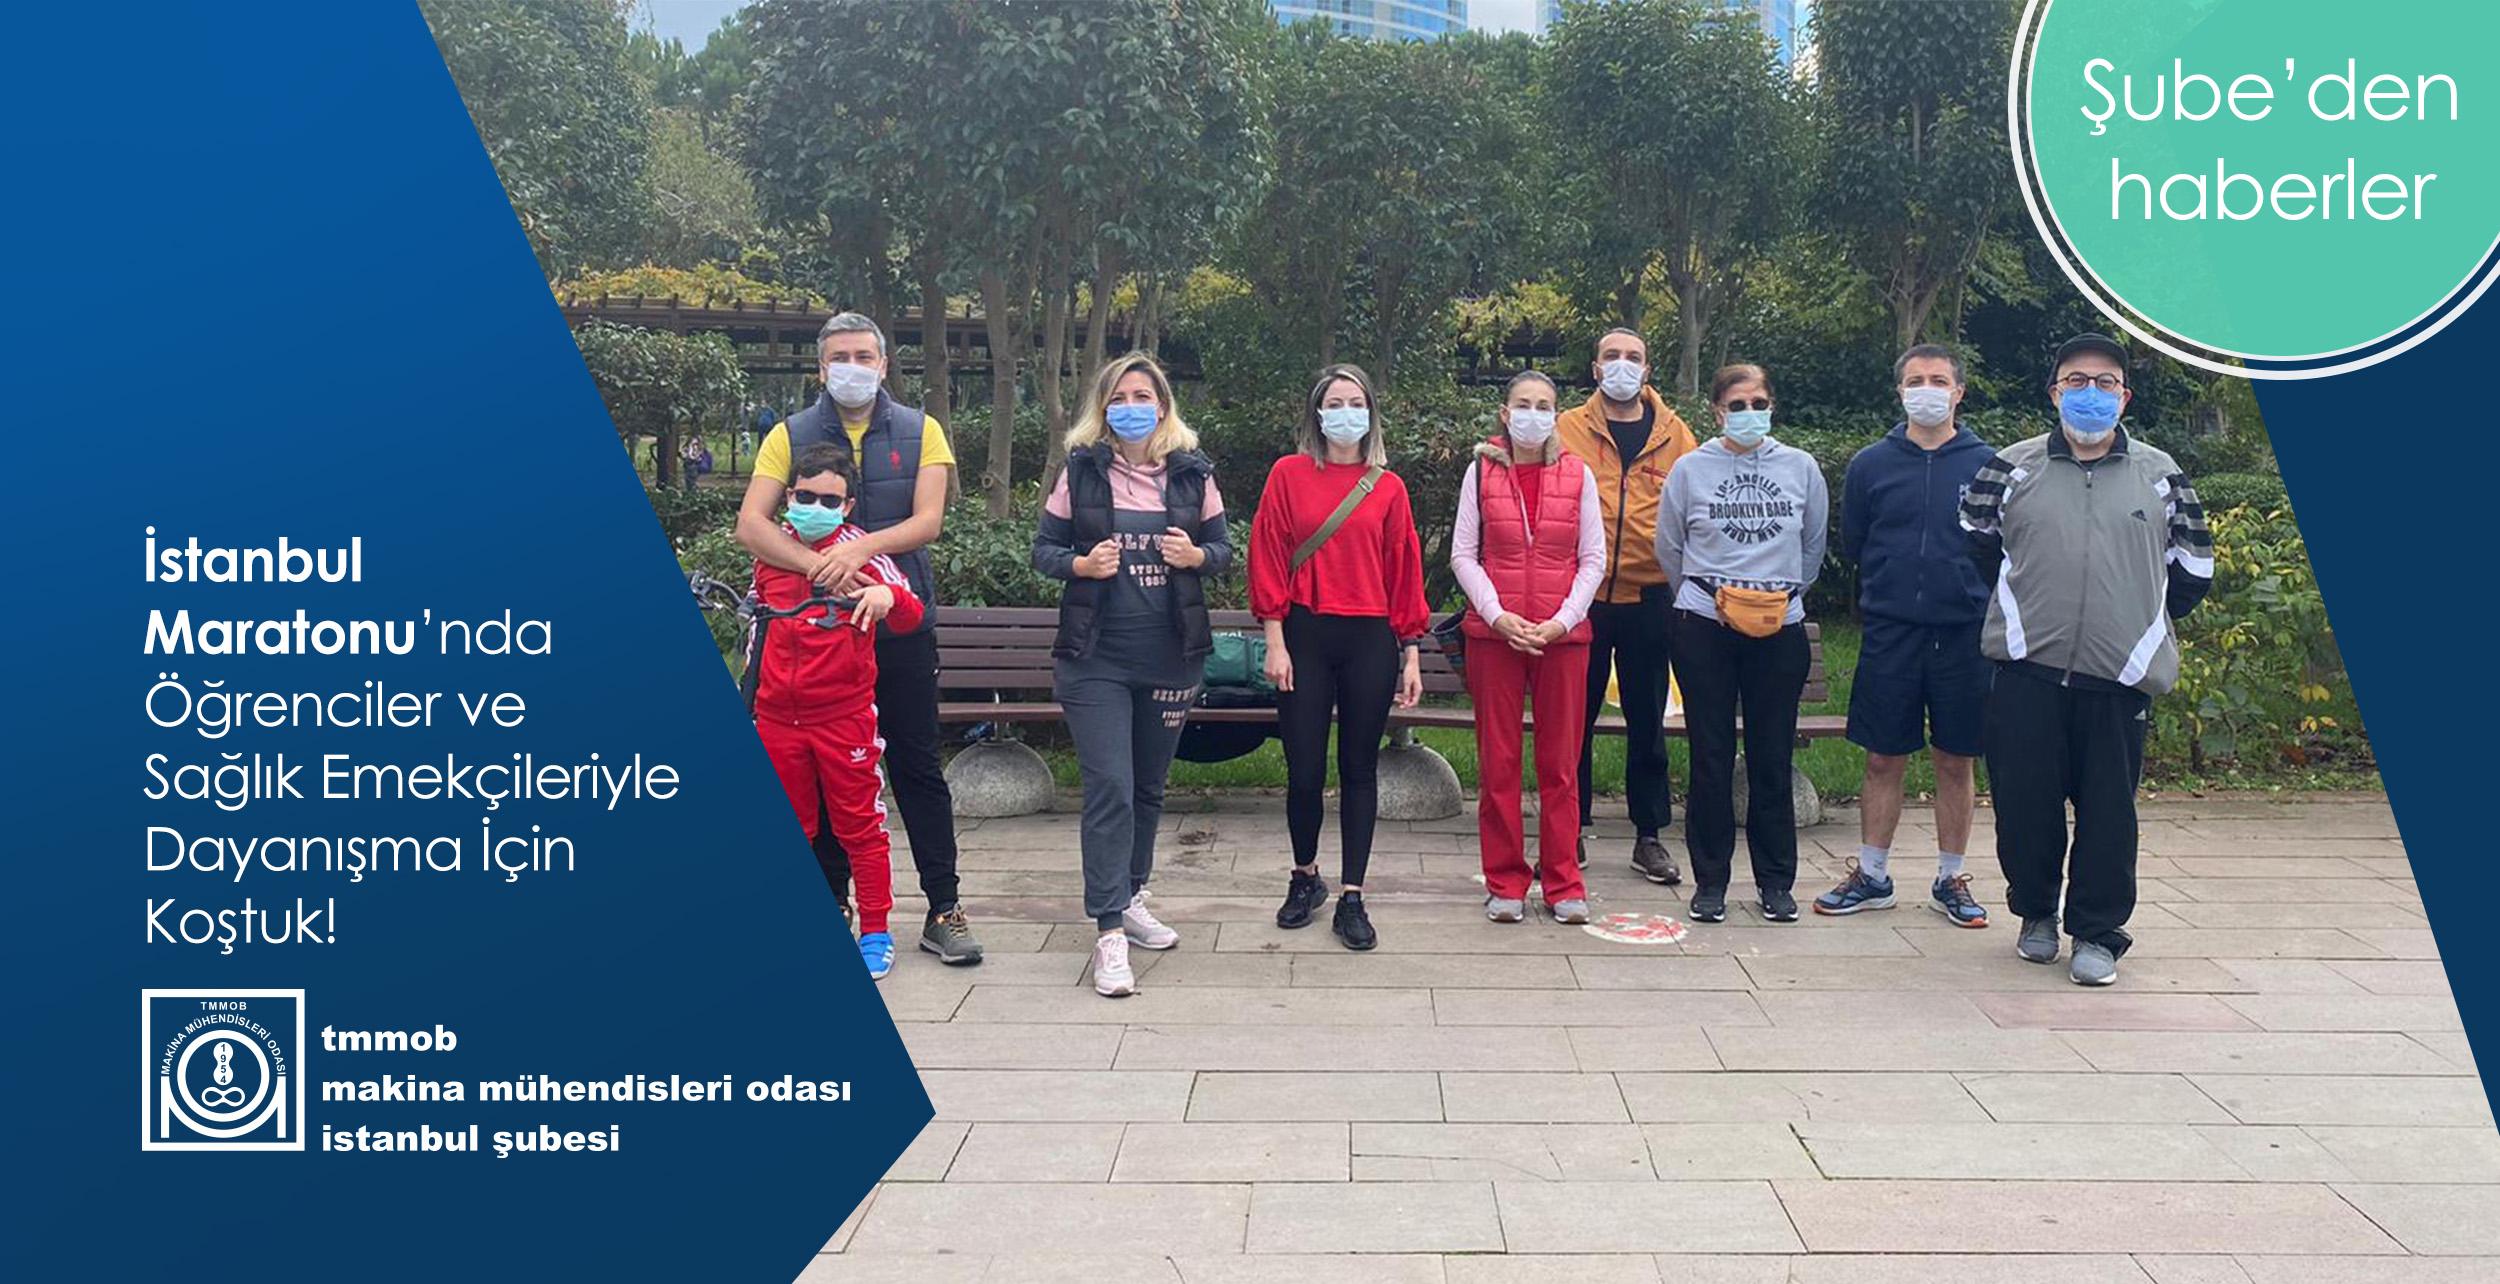 İstanbul Maratonu'nda Öğrenciler ve Sağlık Emekçileriyle Dayanışma İçin Koştuk!